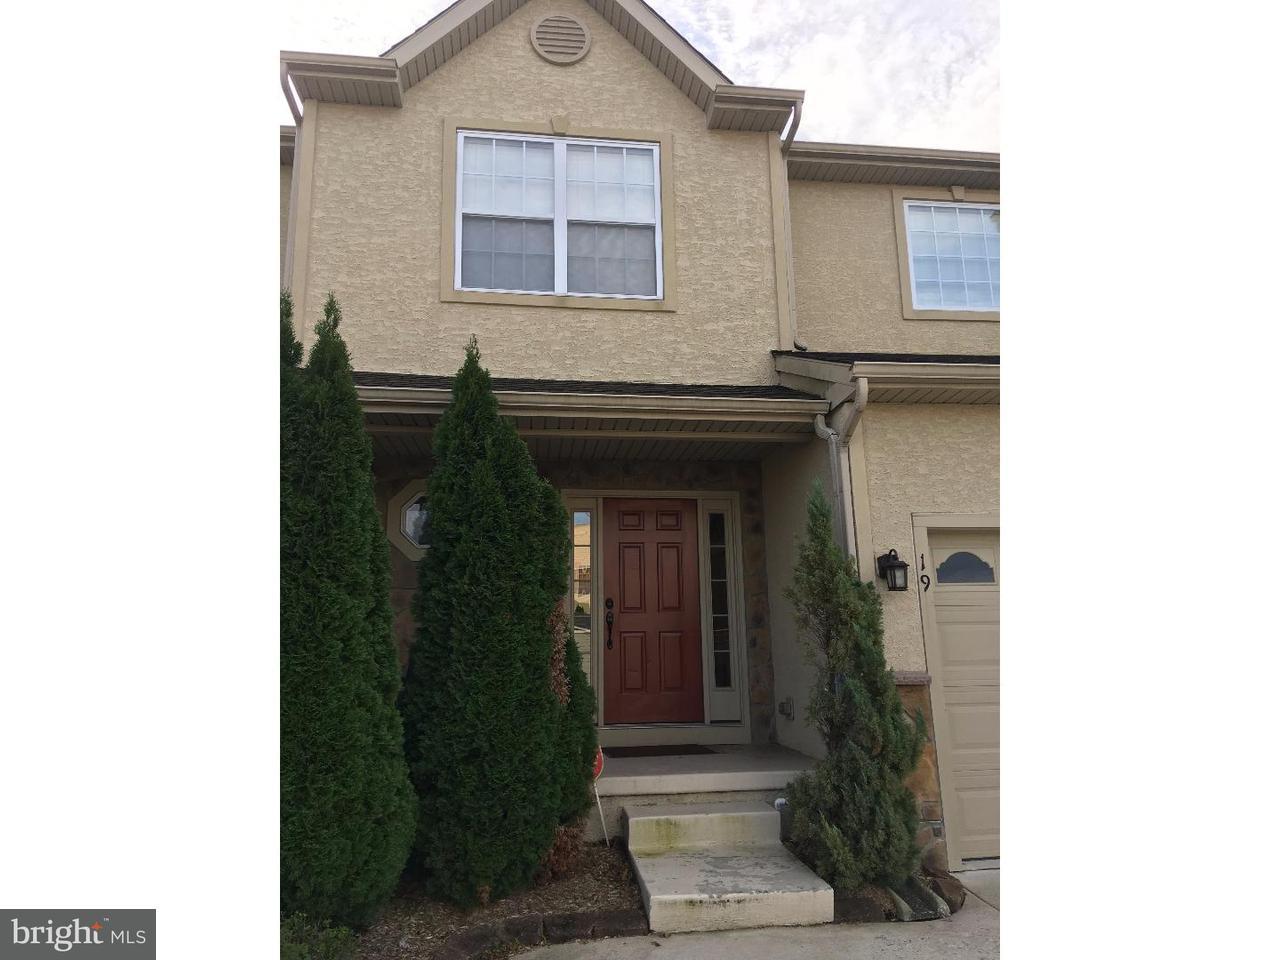 Casa unifamiliar adosada (Townhouse) por un Alquiler en 19 GLACIER Drive Berlin Boro, Nueva Jersey 08009 Estados Unidos